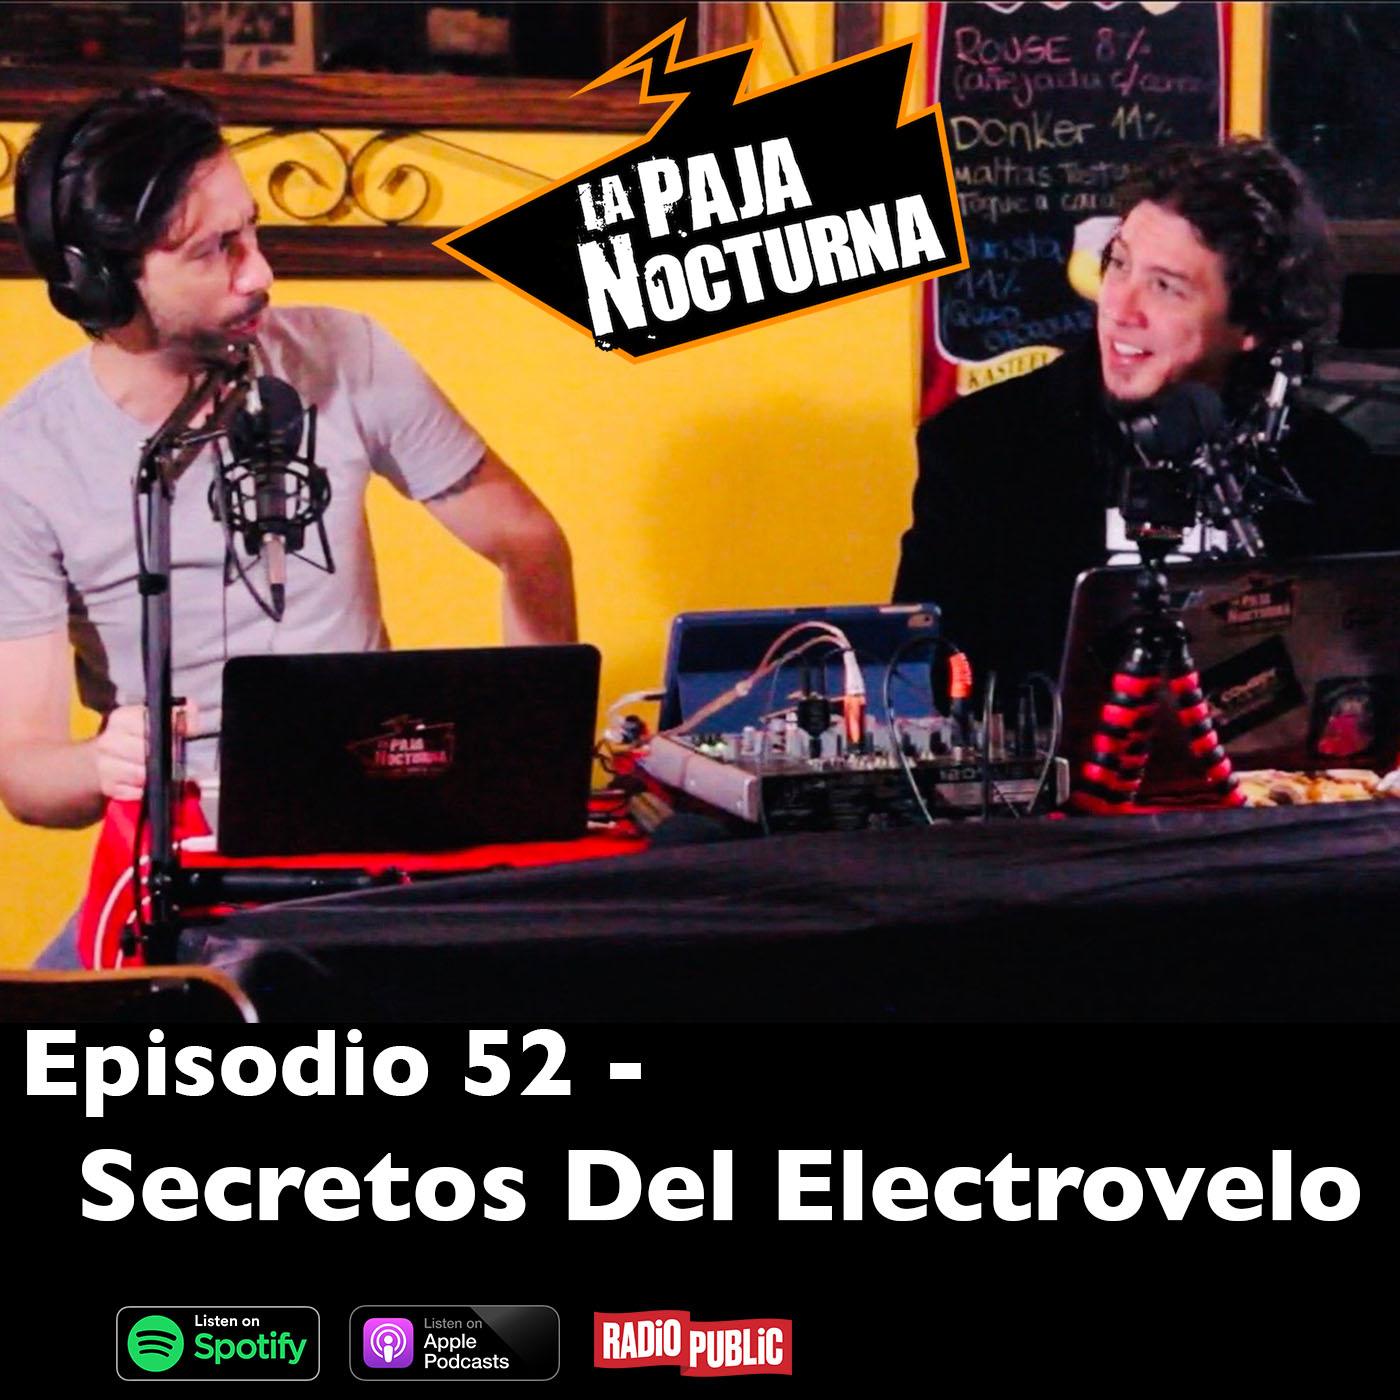 La paja nocturna podcast Episodio 52